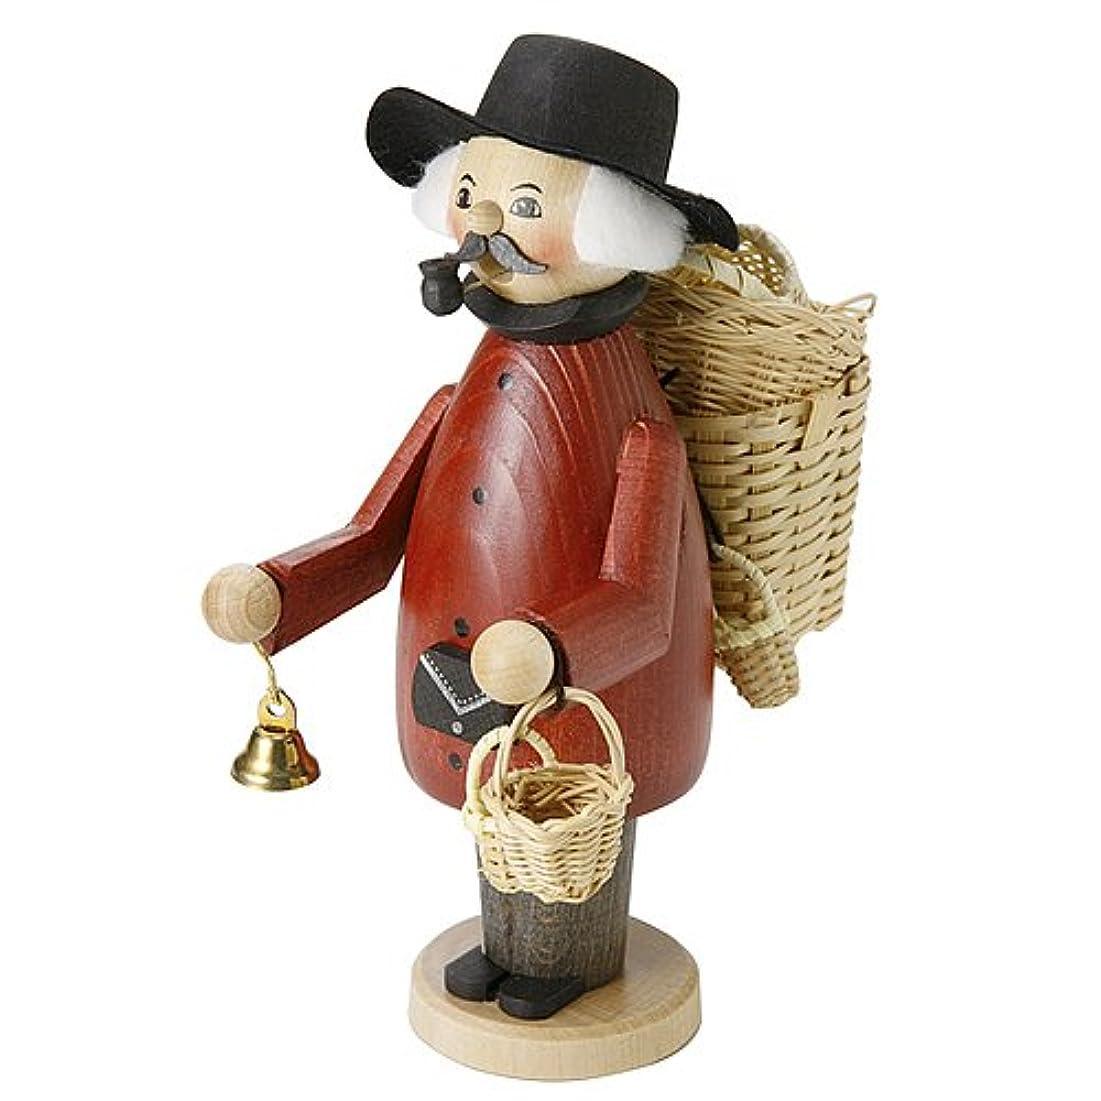 興味みすぼらしいインタラクションkuhnert(クーネルト) パイプ人形香炉 150×200mm 「バスケット売り」